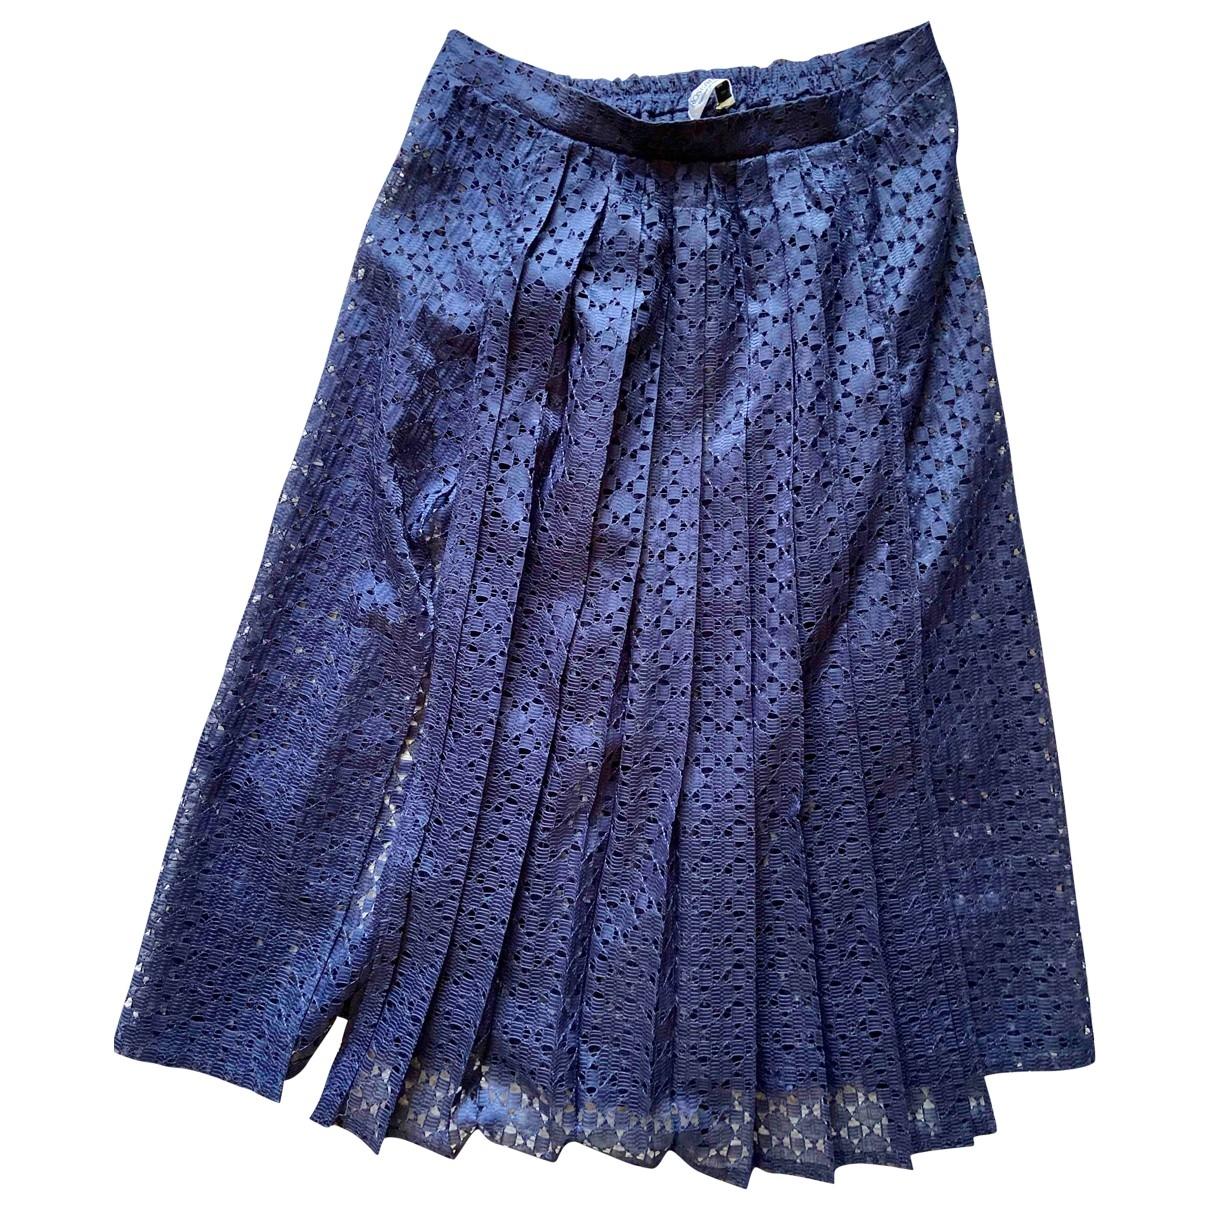 Roseanna \N Navy skirt for Women 38 FR